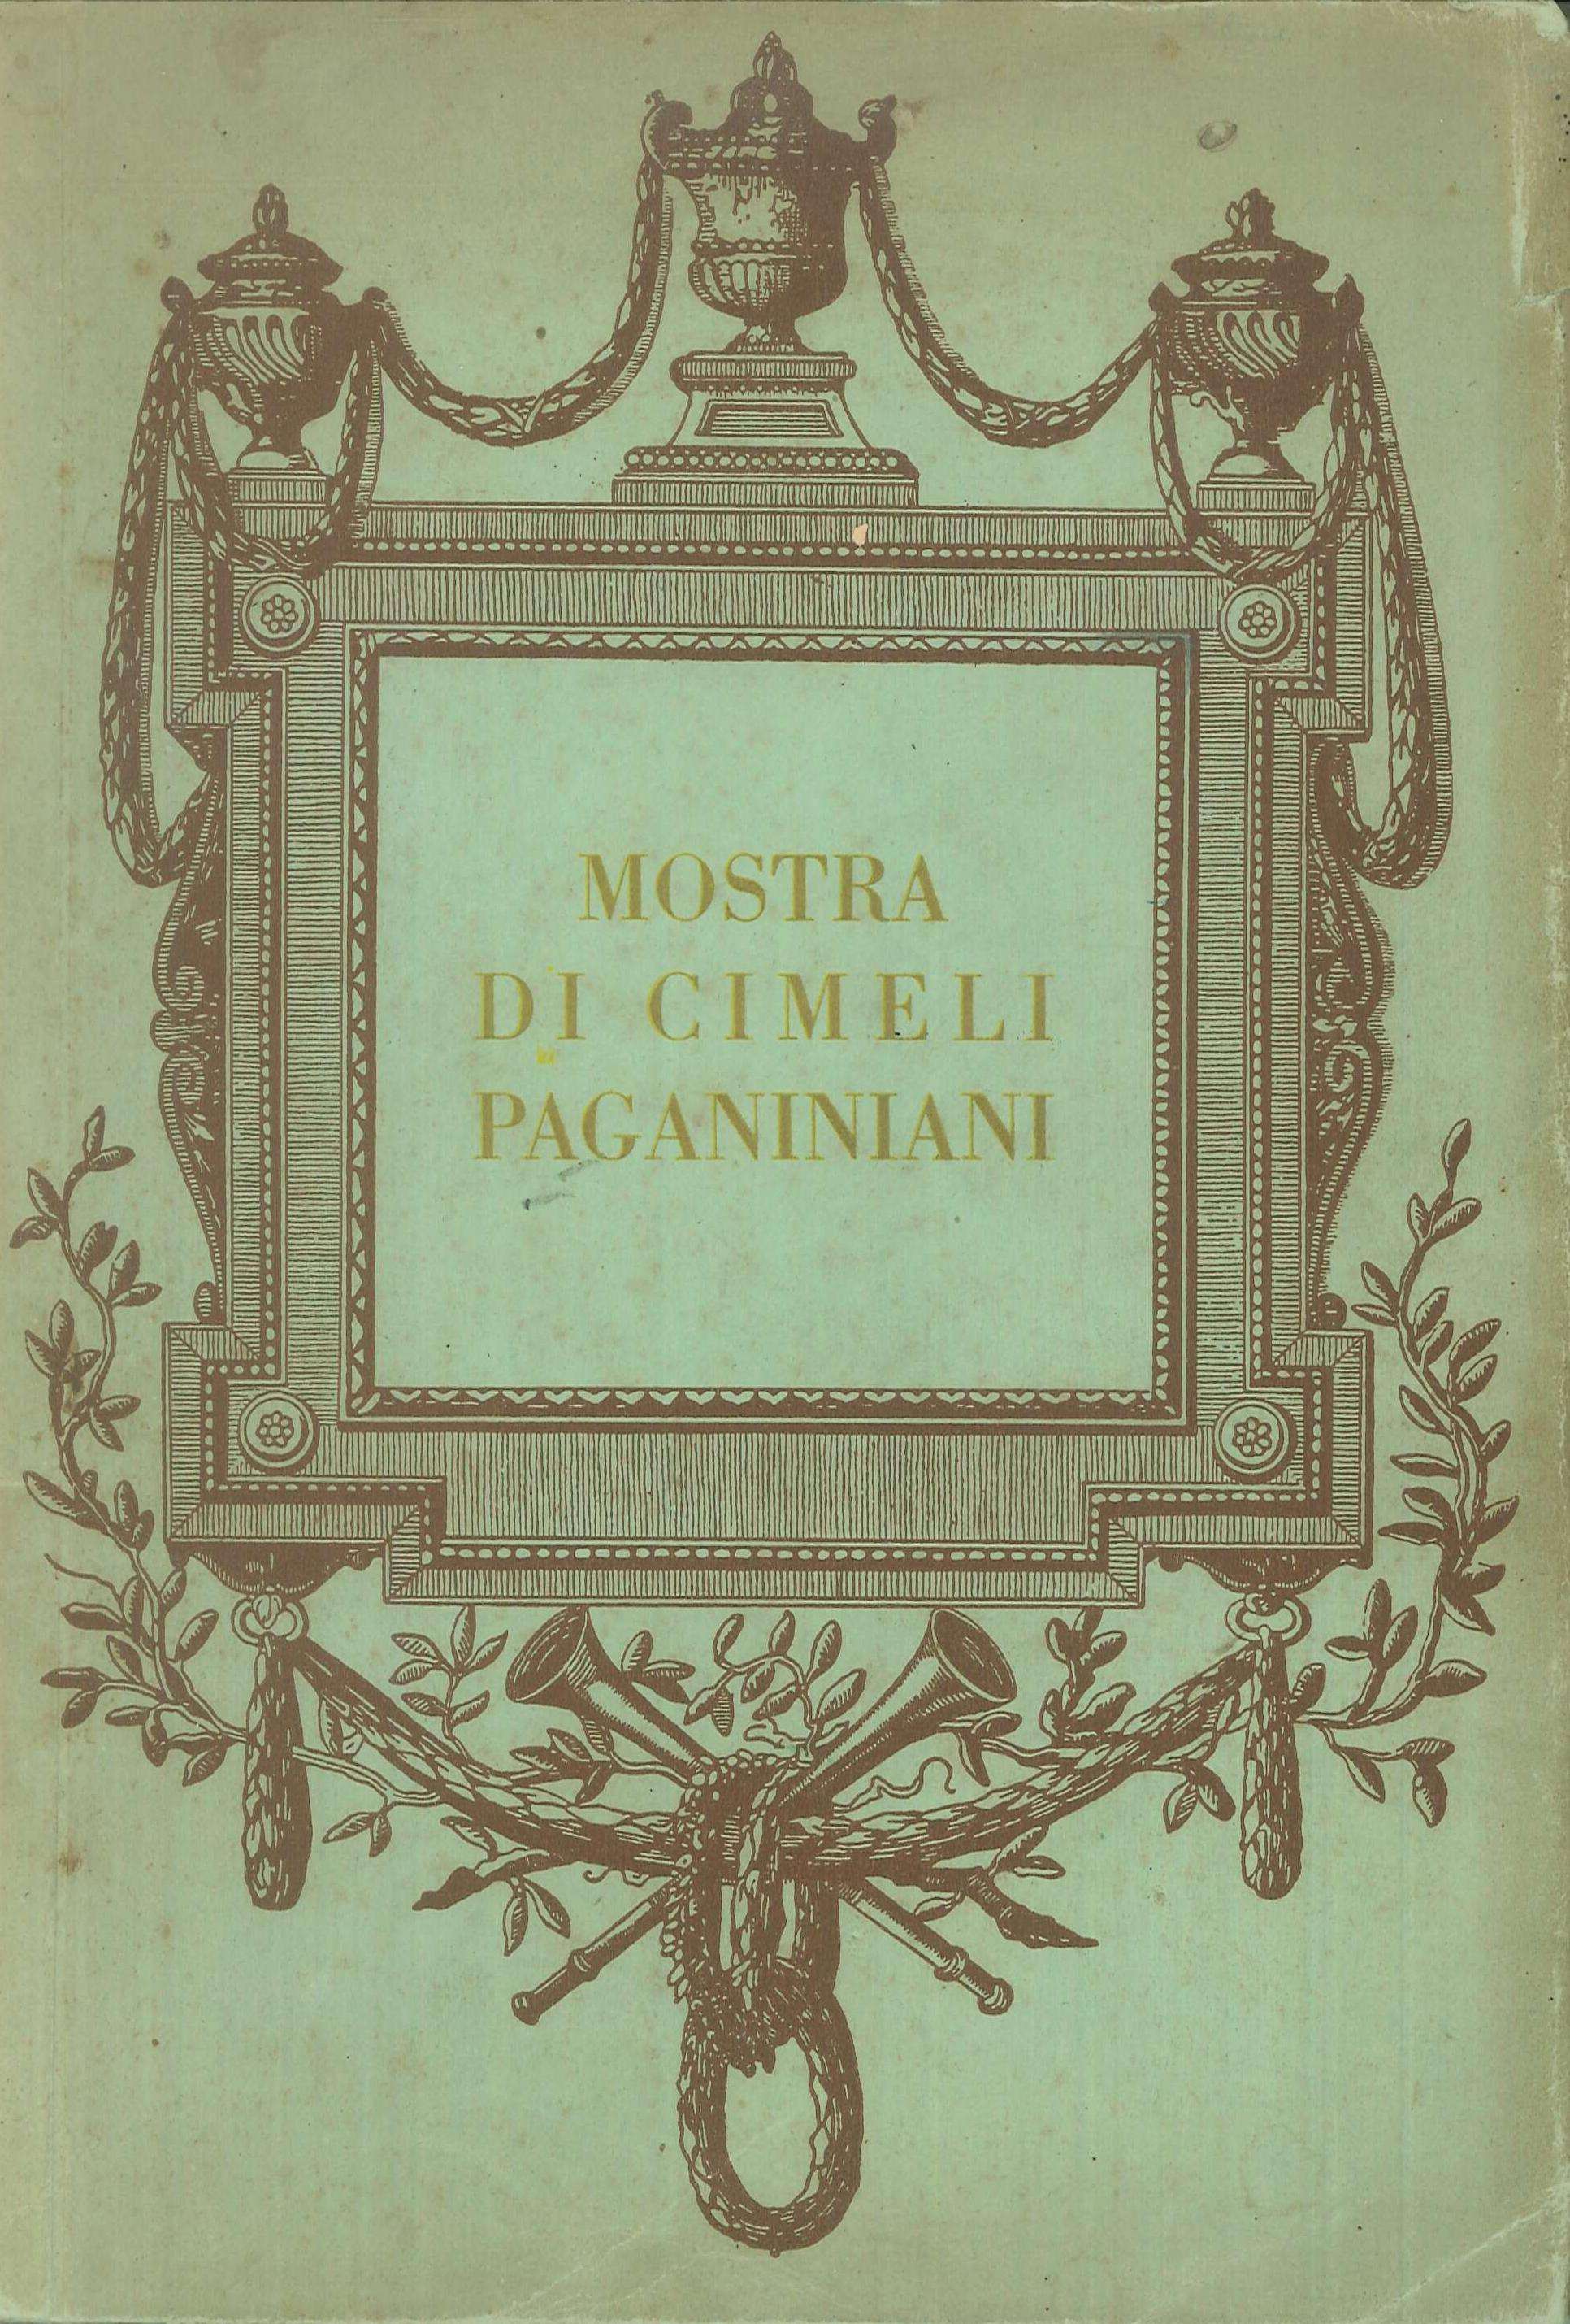 Mostra di cimeli paganiniani organizzata dall'Ente Provinciale per il Turismo Genova. Onoranze a Niccolò Paganini nel primo centenario della morte sotto l'alto patronato del Duce